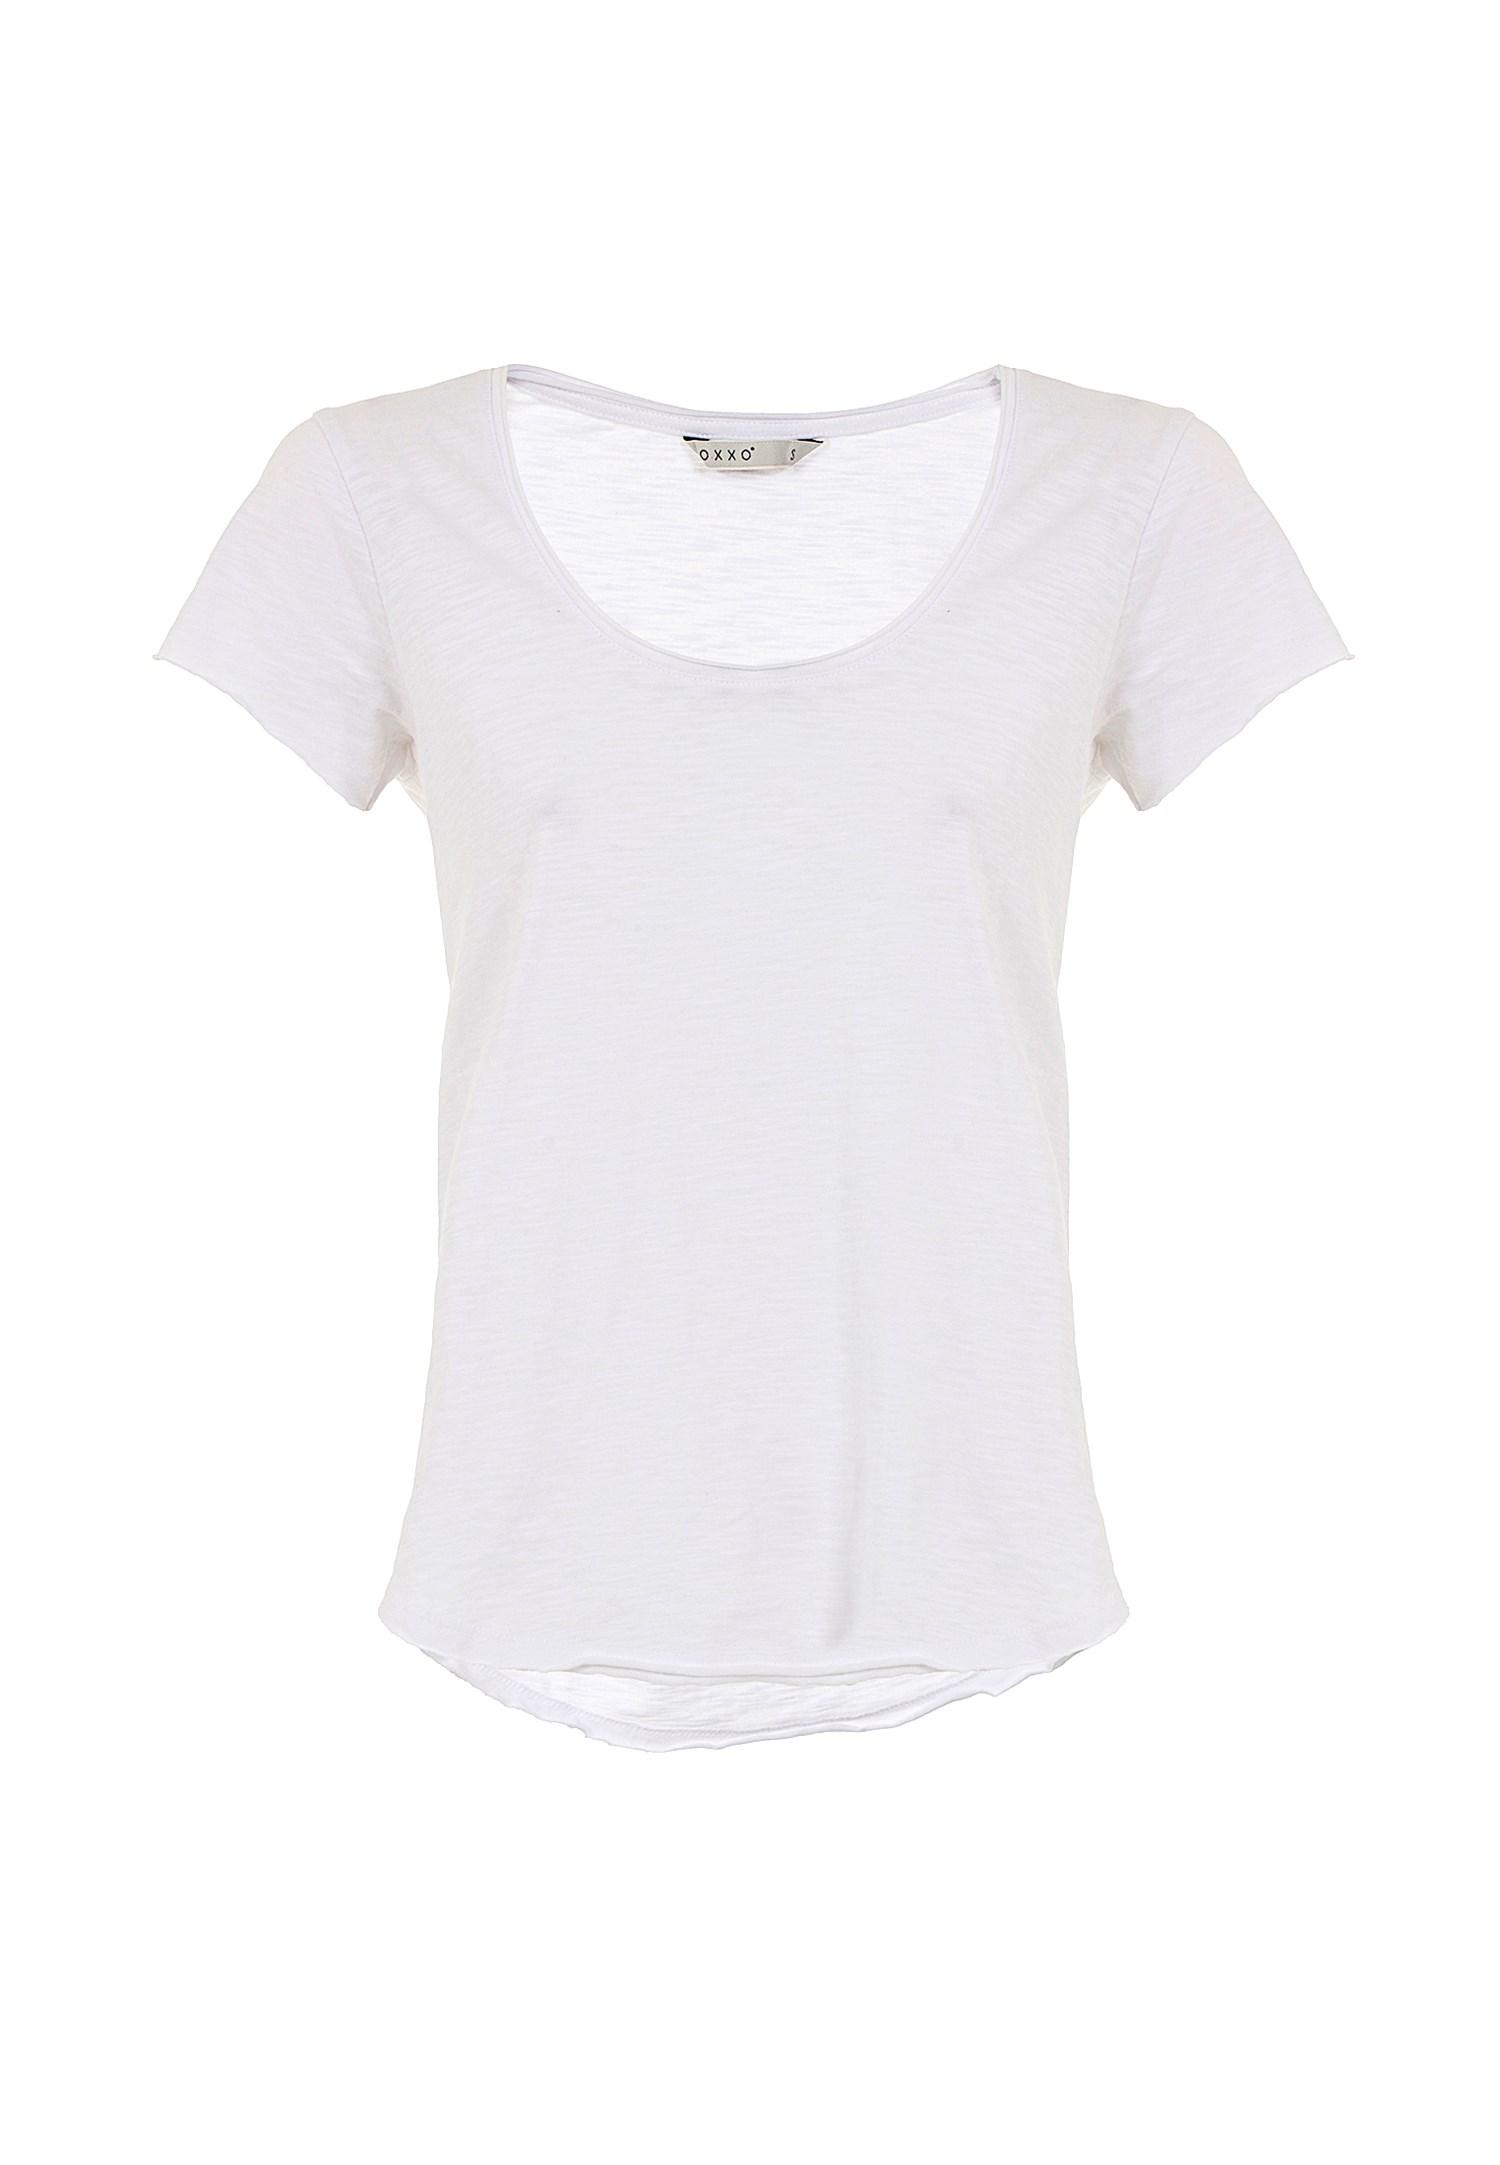 Bayan Beyaz Kısa Kollu U Yaka Tişört